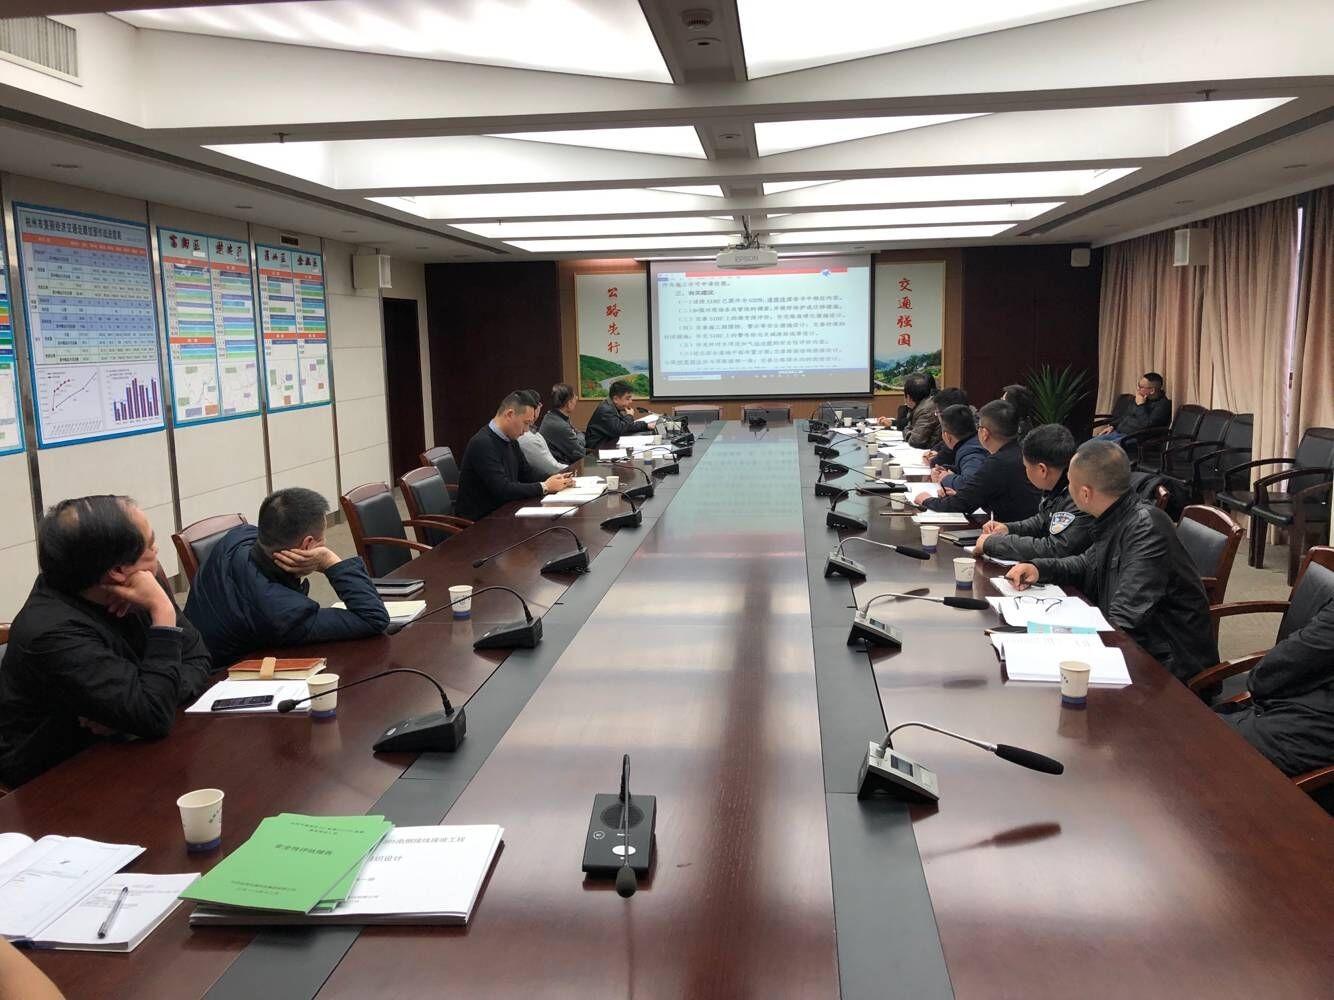 临安於潜镇燃气运营抢修综合基地项目新增进出道口方案取得评审会通过意见